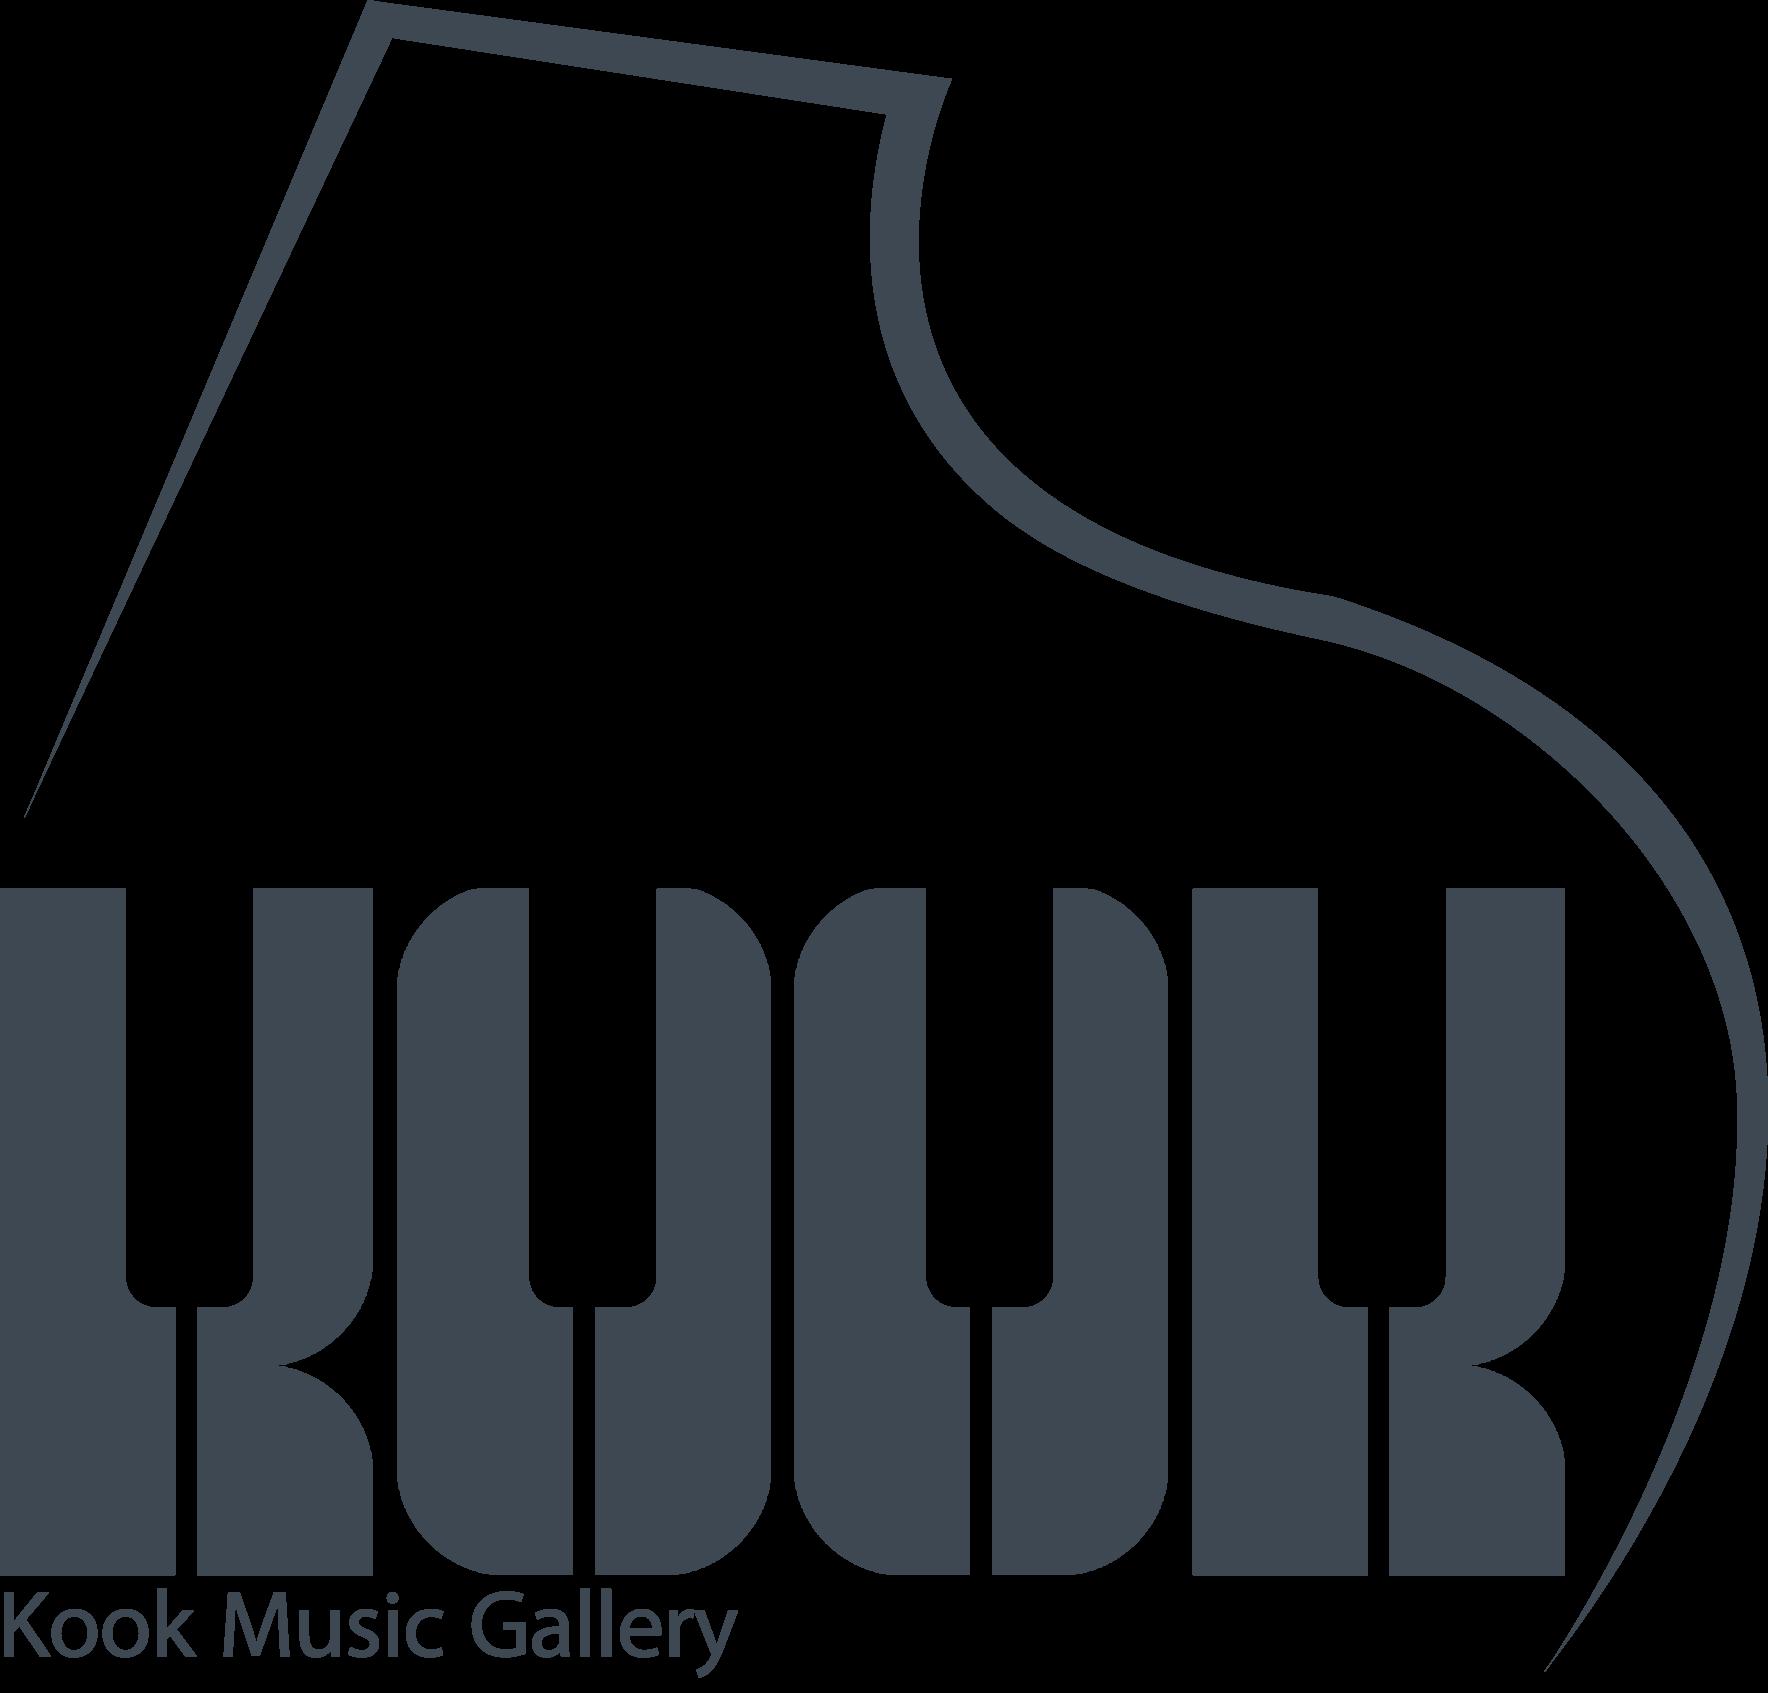 گالری موسیقی کوک